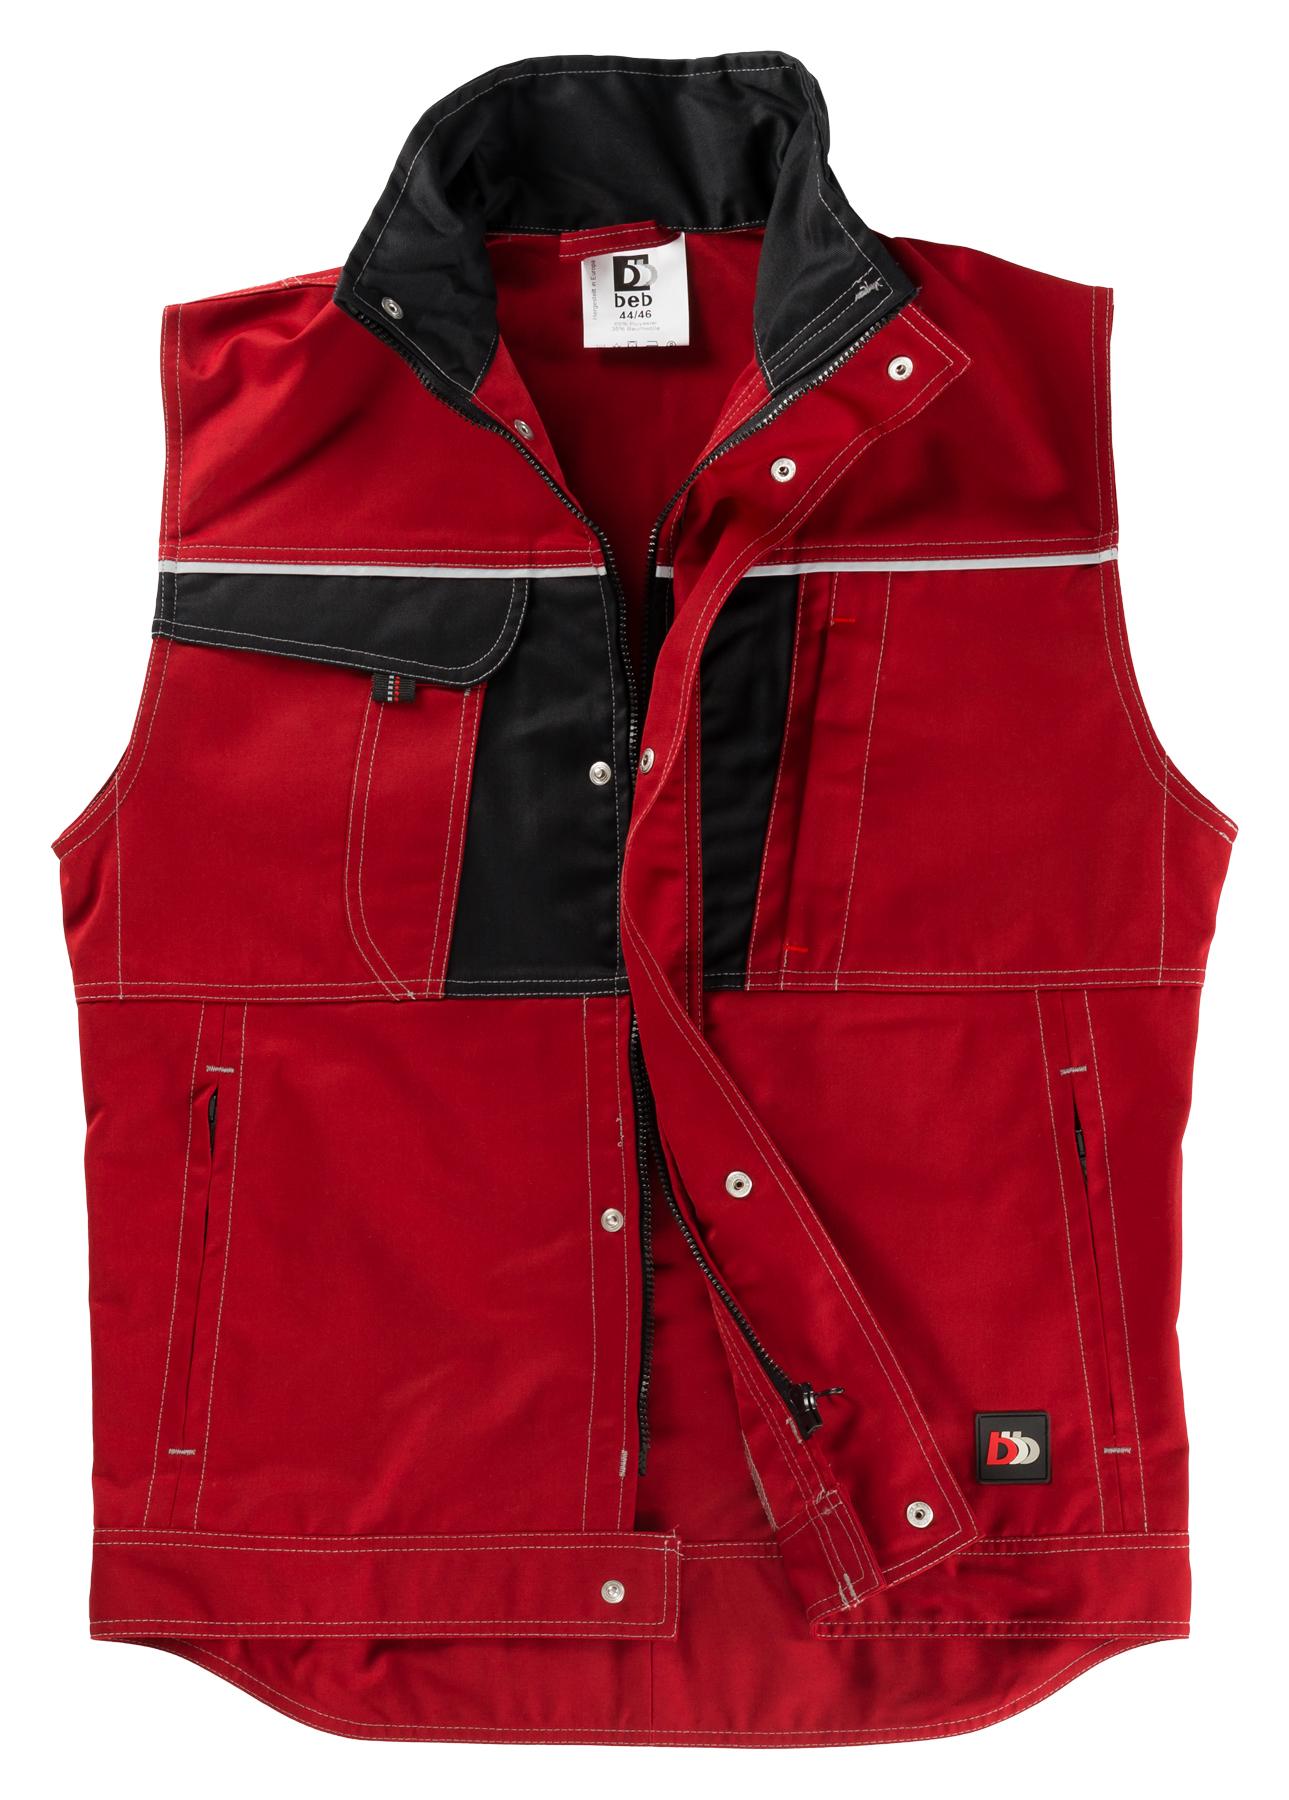 Heute im Angebot: Weste INFLAME von BEB / Farbe: Fire engine red/Sch jetzt günstig kaufen